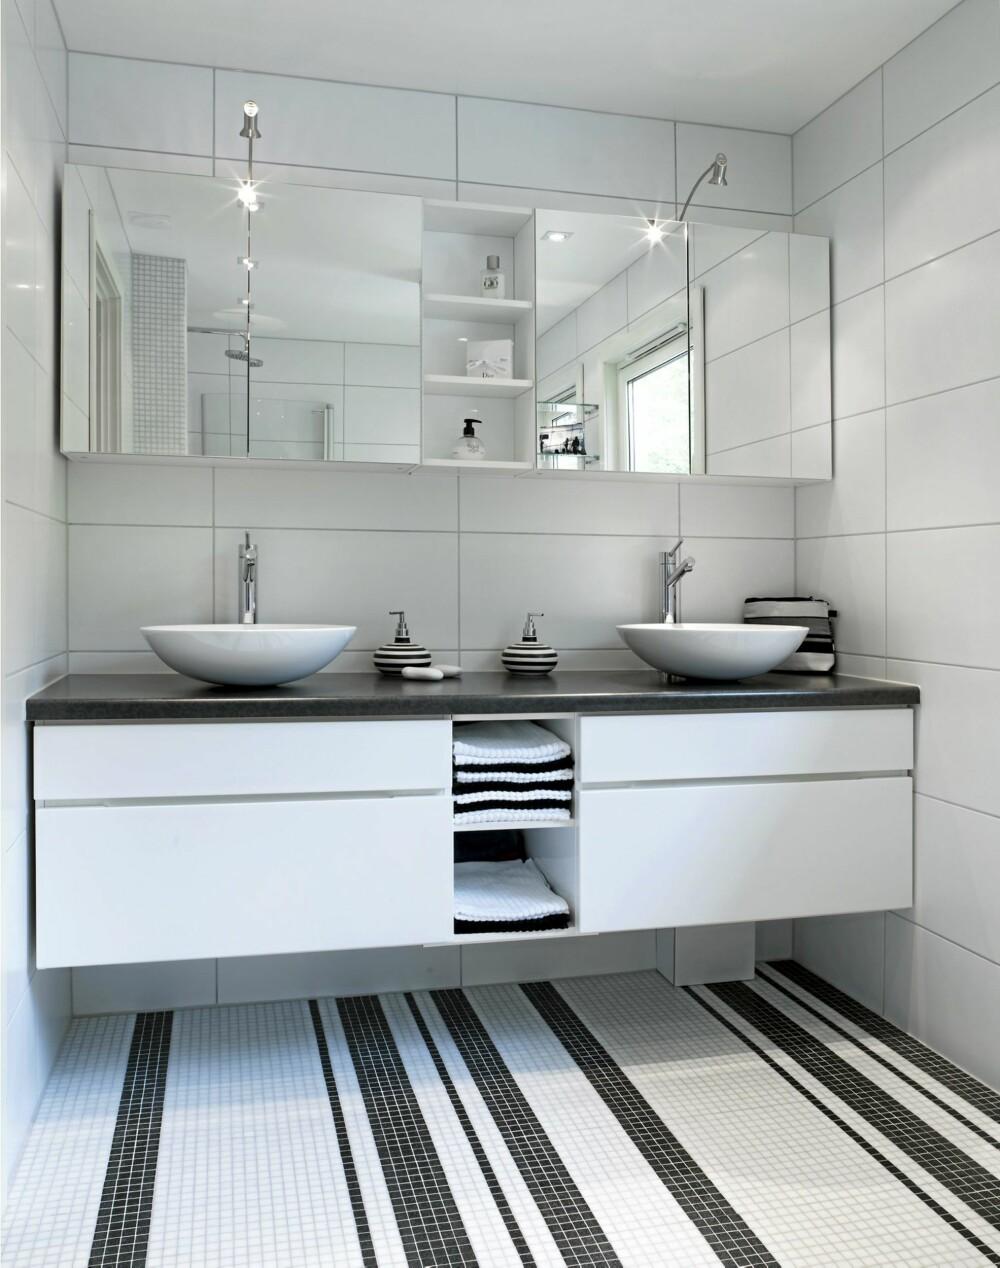 BADCODE: Strekkodemønsteret gir badet særpreg. Vegghengt benkeskap letter renhold og lar gulvet komme til sin rett.